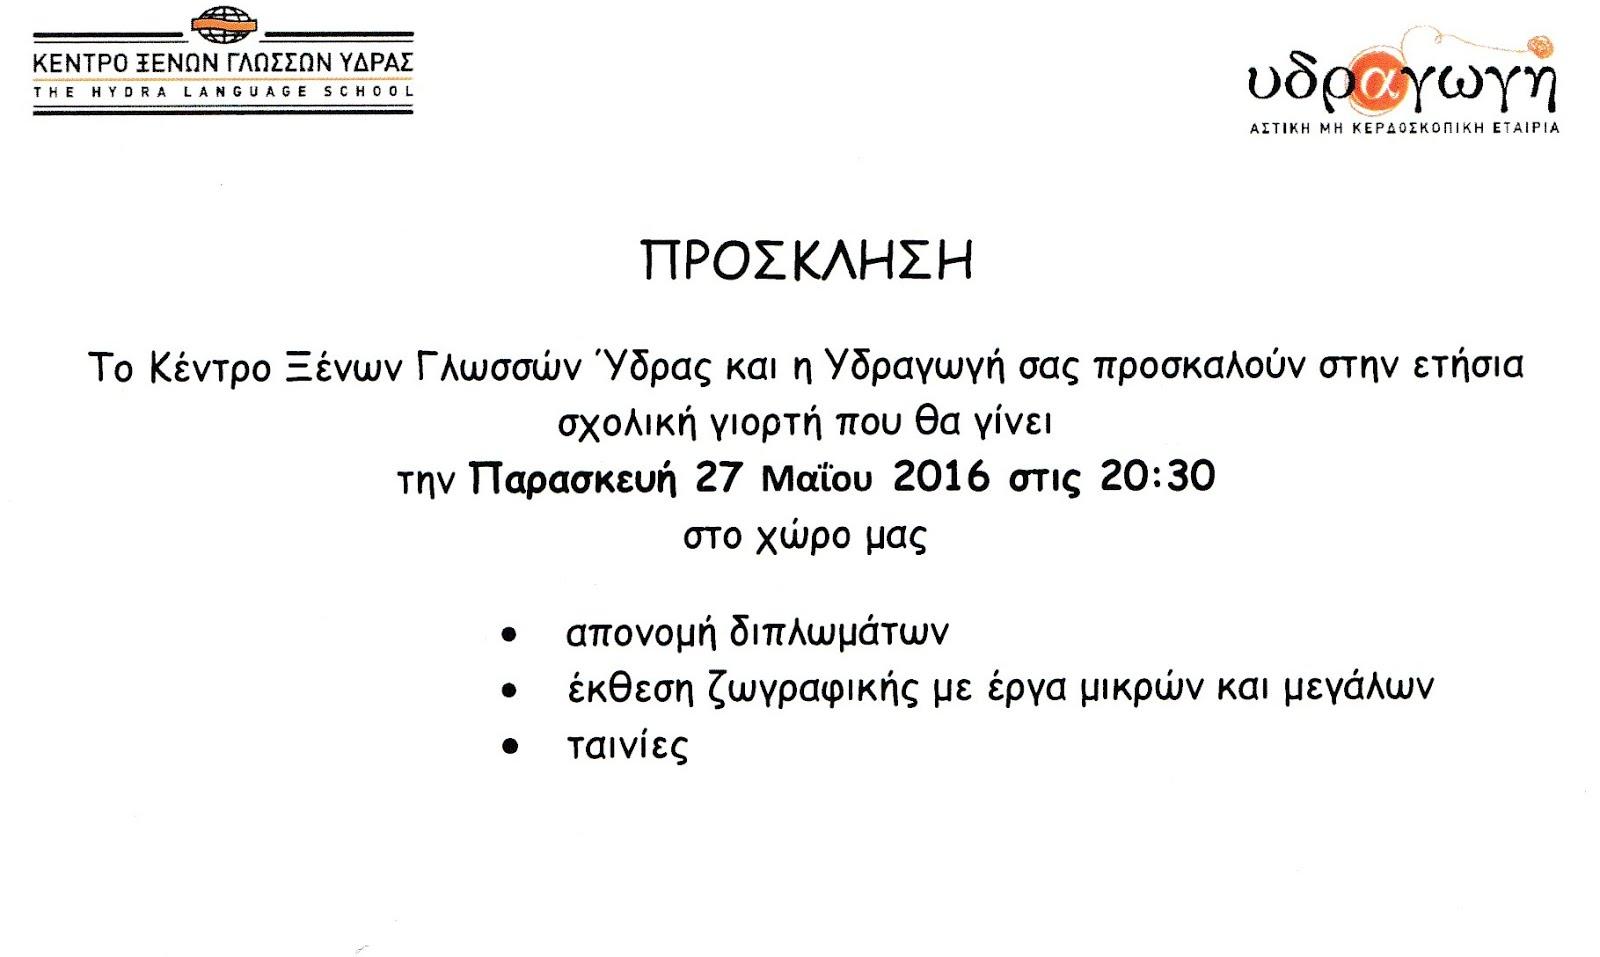 Πρόσκληση στην ετήσια σχολική γιορτή του Κέντρου Ξένων Γλωσσών και της Υδραγωγής